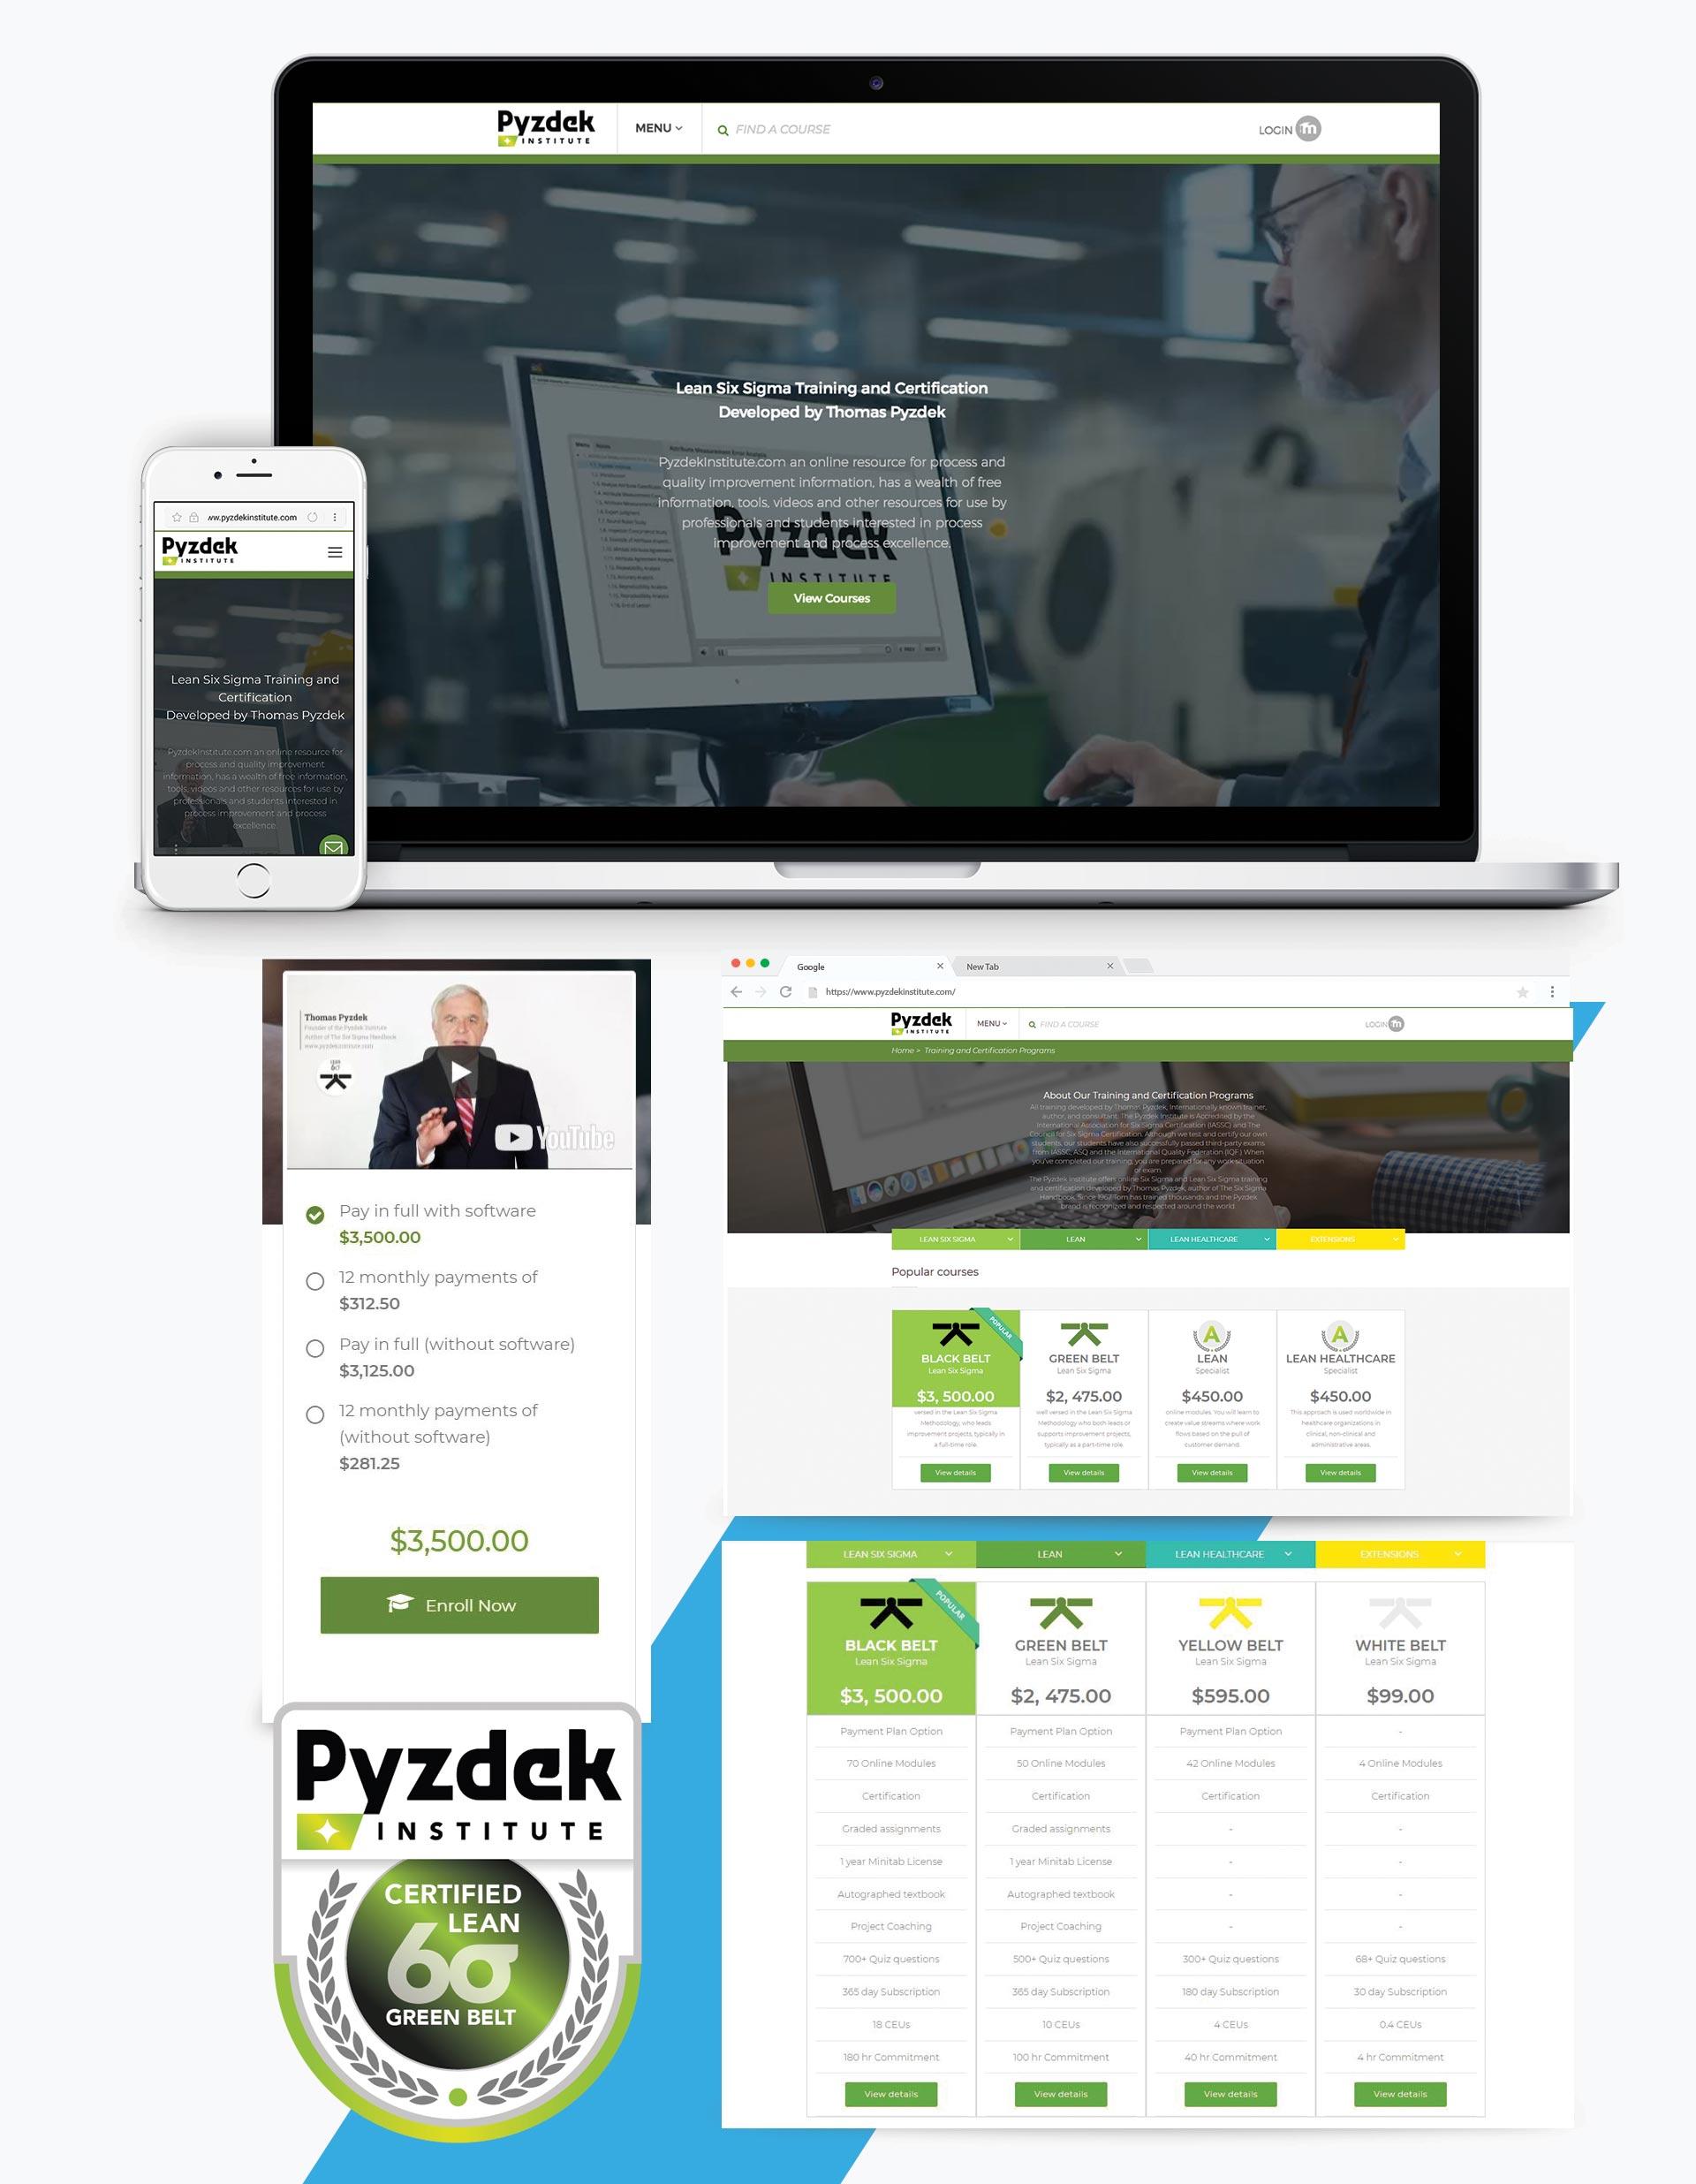 Pyzdek-curso-ingles.jpg